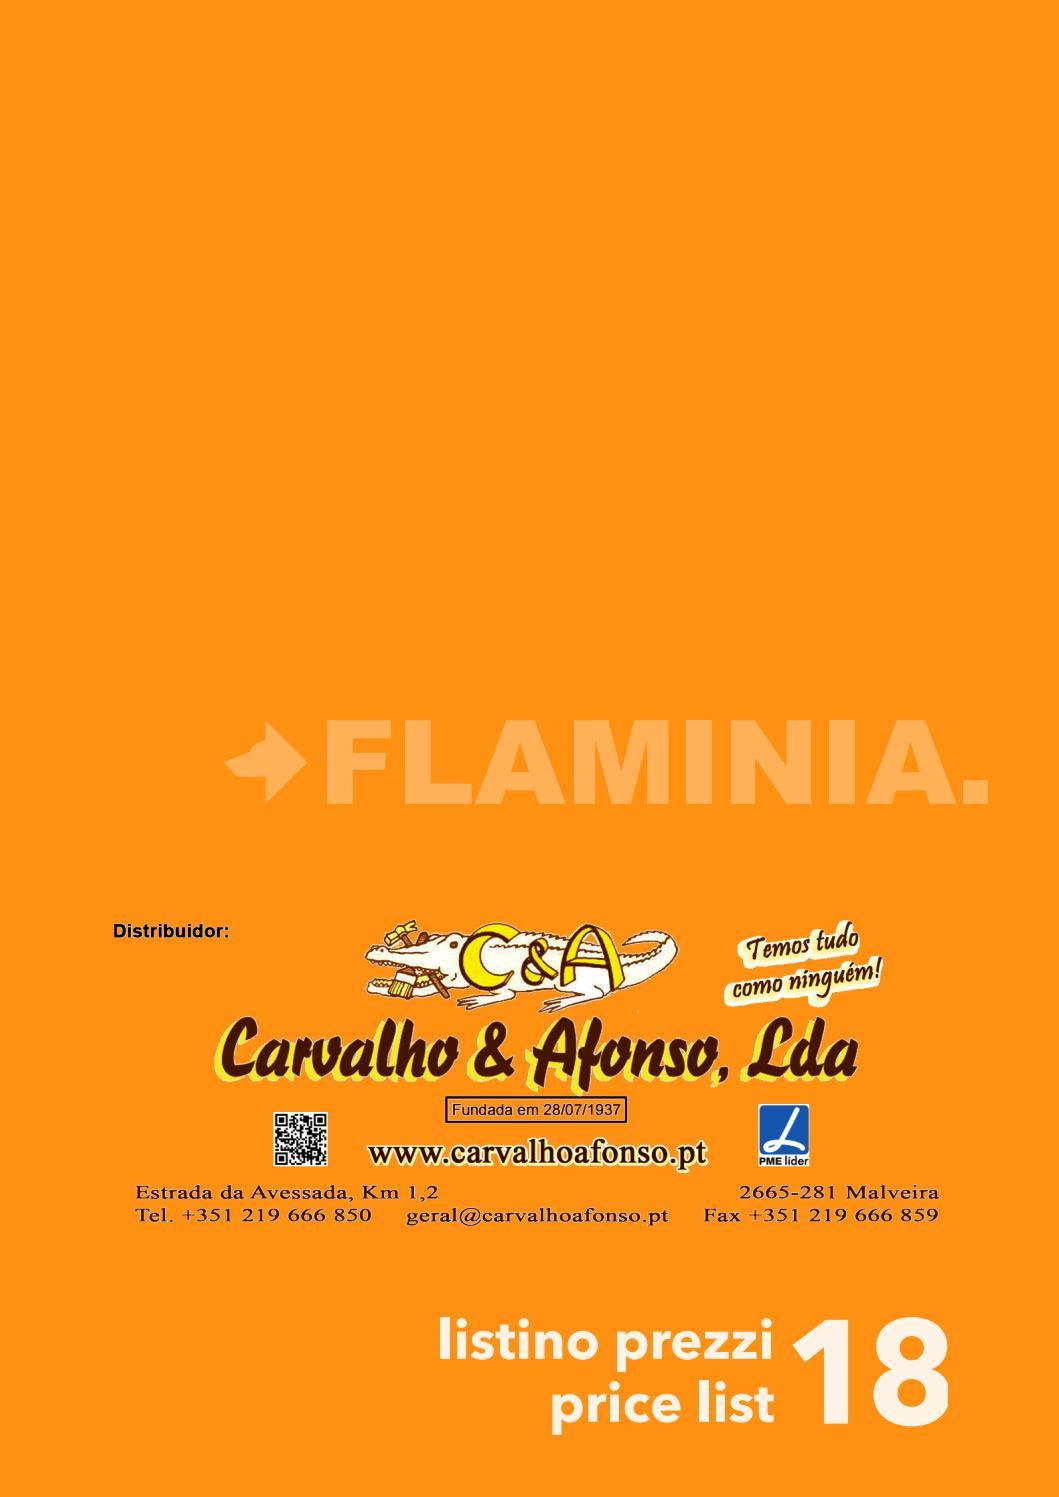 Listino Prezzi Ceramica Flaminia.Flaminia Tabela Precos 2018 Ca By Carvalho Afonso Lda Issuu